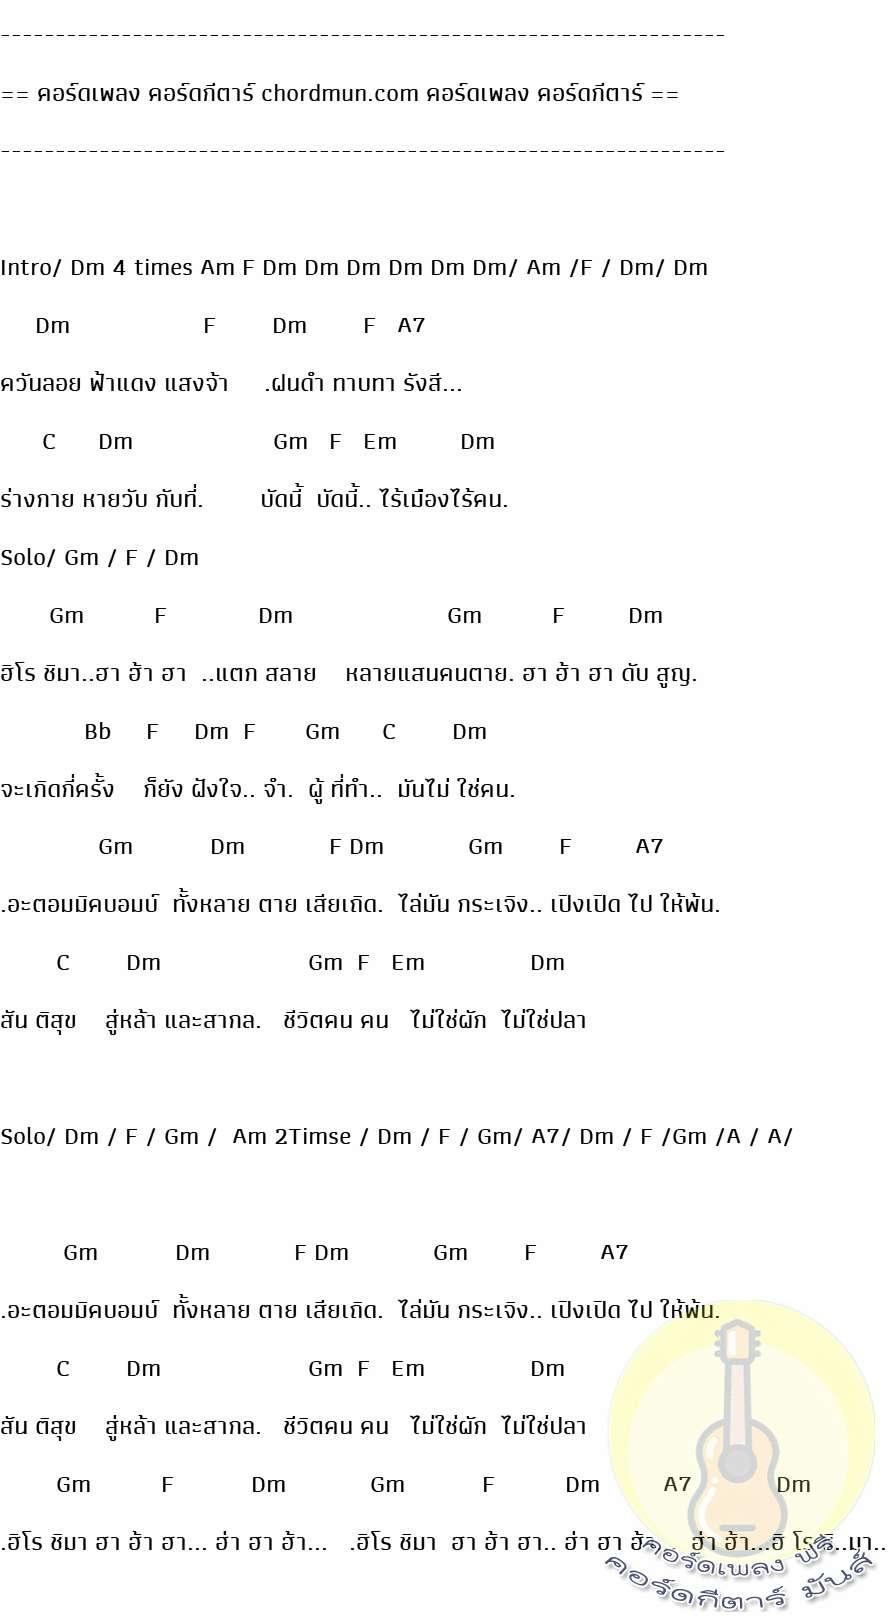 คอร์ดกีต้าง่ายๆ  เพลง ฮิโรชิมา